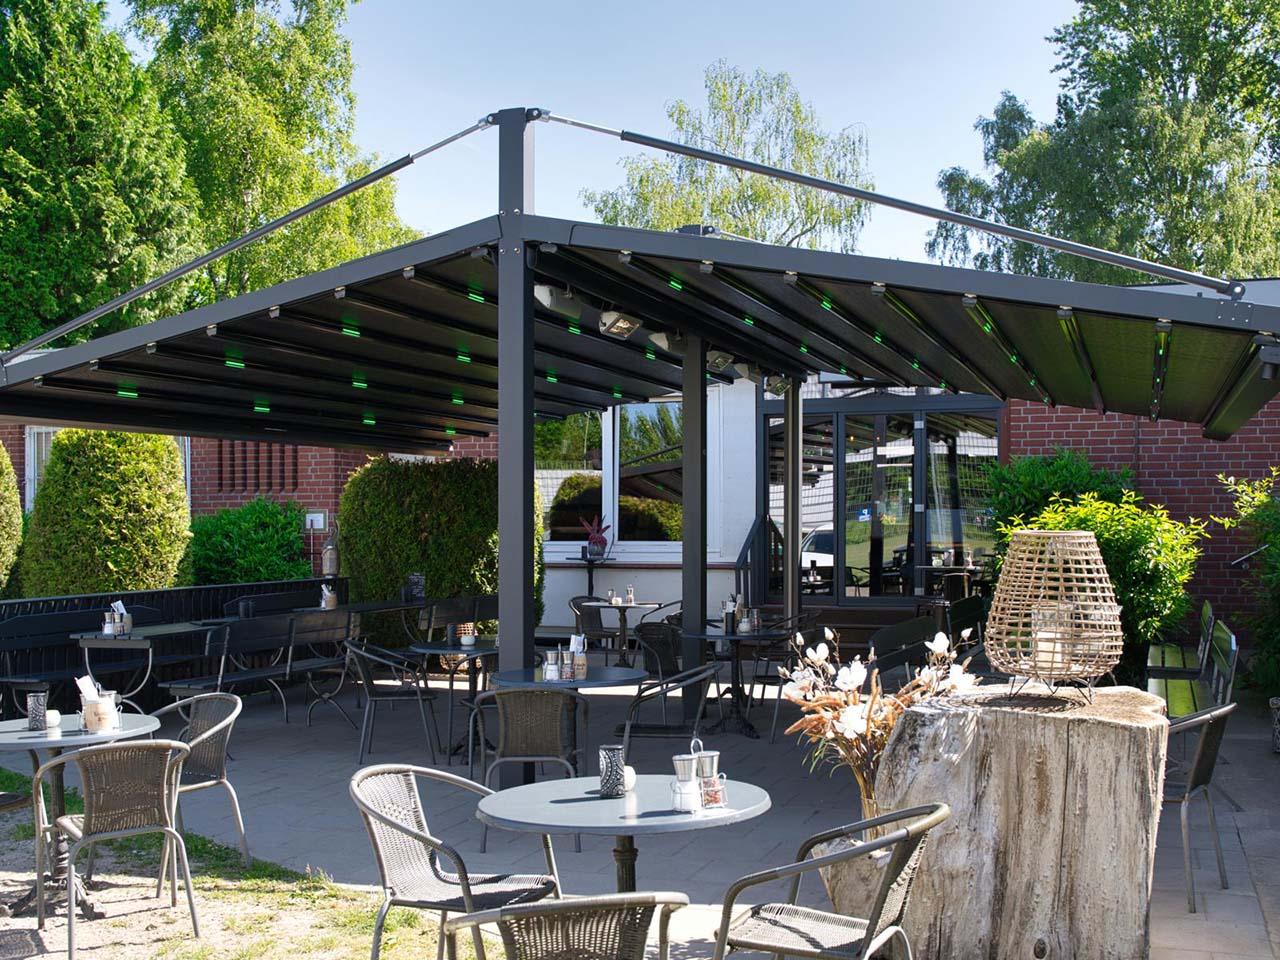 pergola marine palmiye gastronomie ueberdachung biergaerten freiflaechen 01 - Terrassenüberdachung für Biergärten & Freiflächen